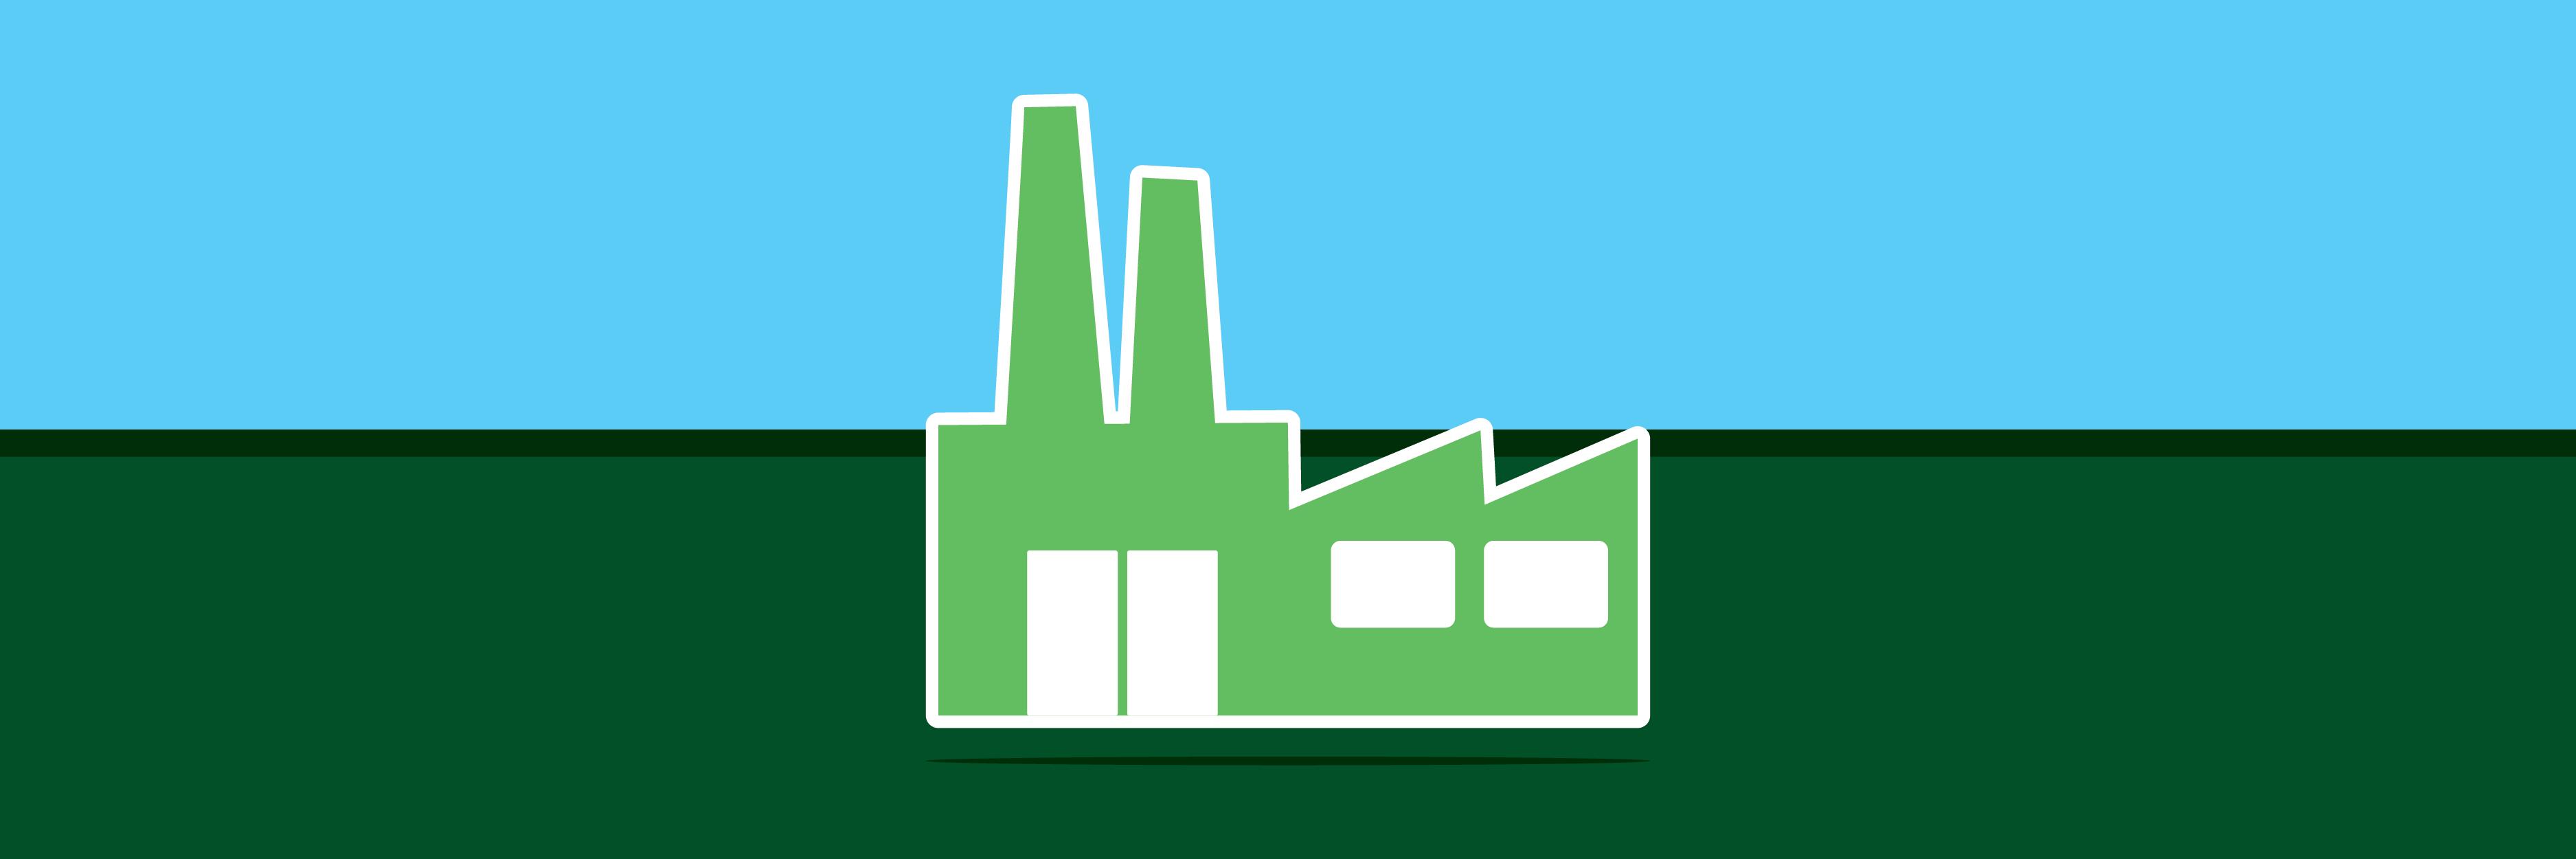 Seguro Indústria - Lima & Figueiredo Fazendo a Diferença Quando Você Mais Precisa